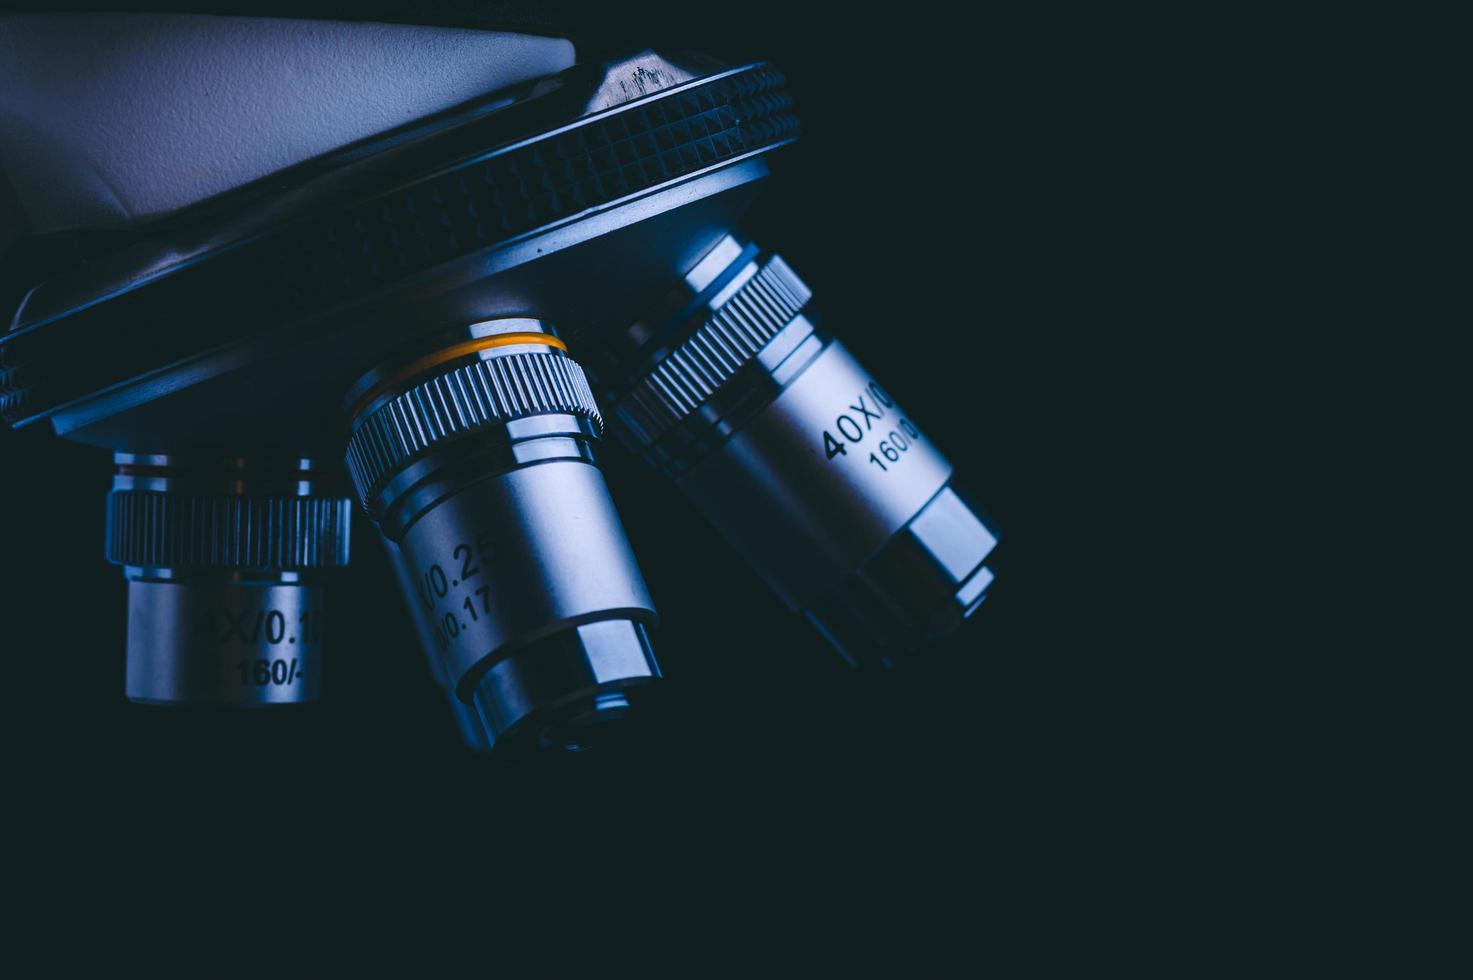 närbild av mätmärken i mikroskopet foto